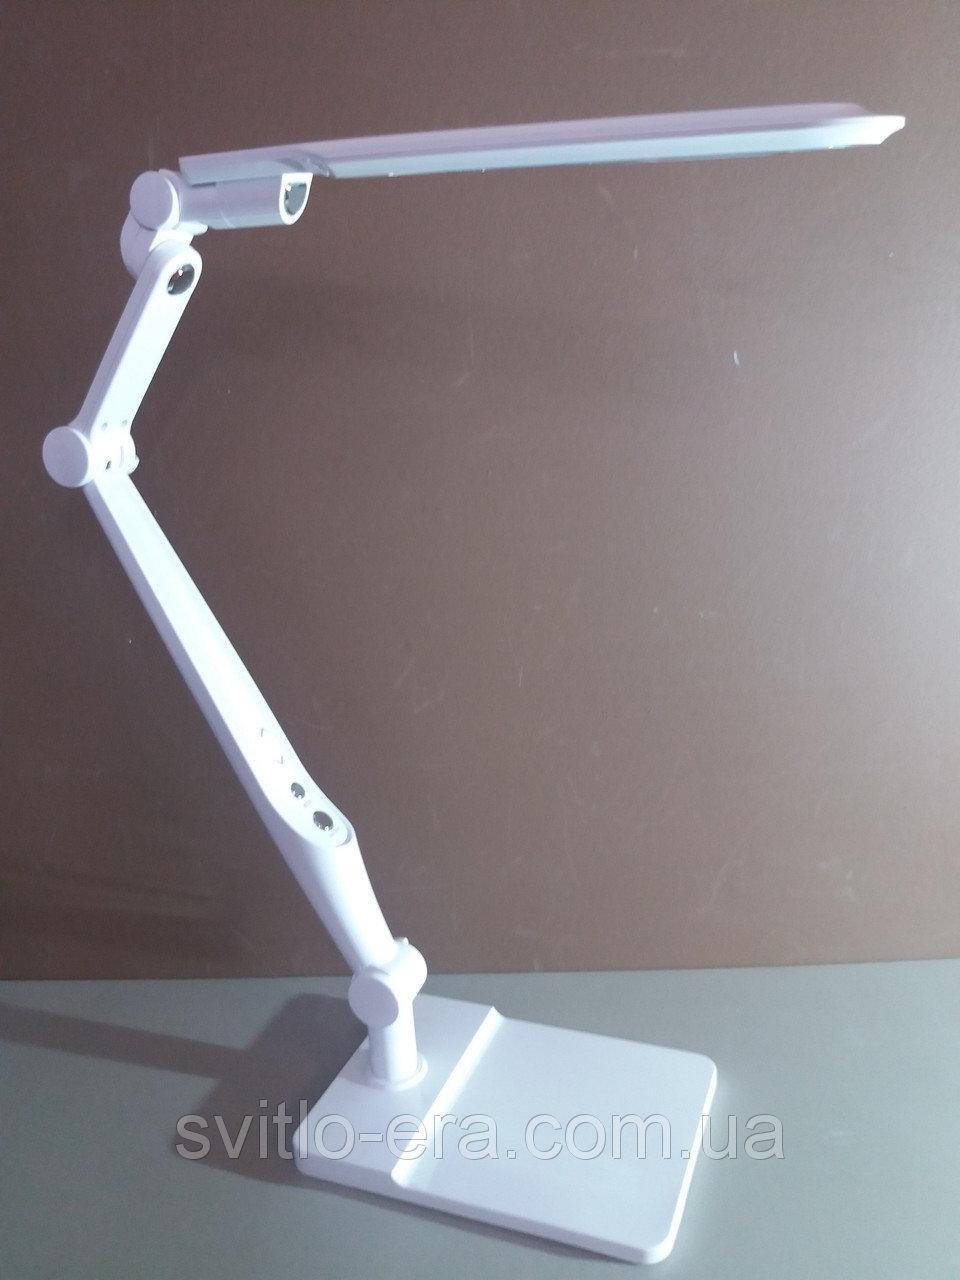 Настольная Лампа ЛЕД (струбцина в комплекте) мощность 10вт (сенсор +димер) белая